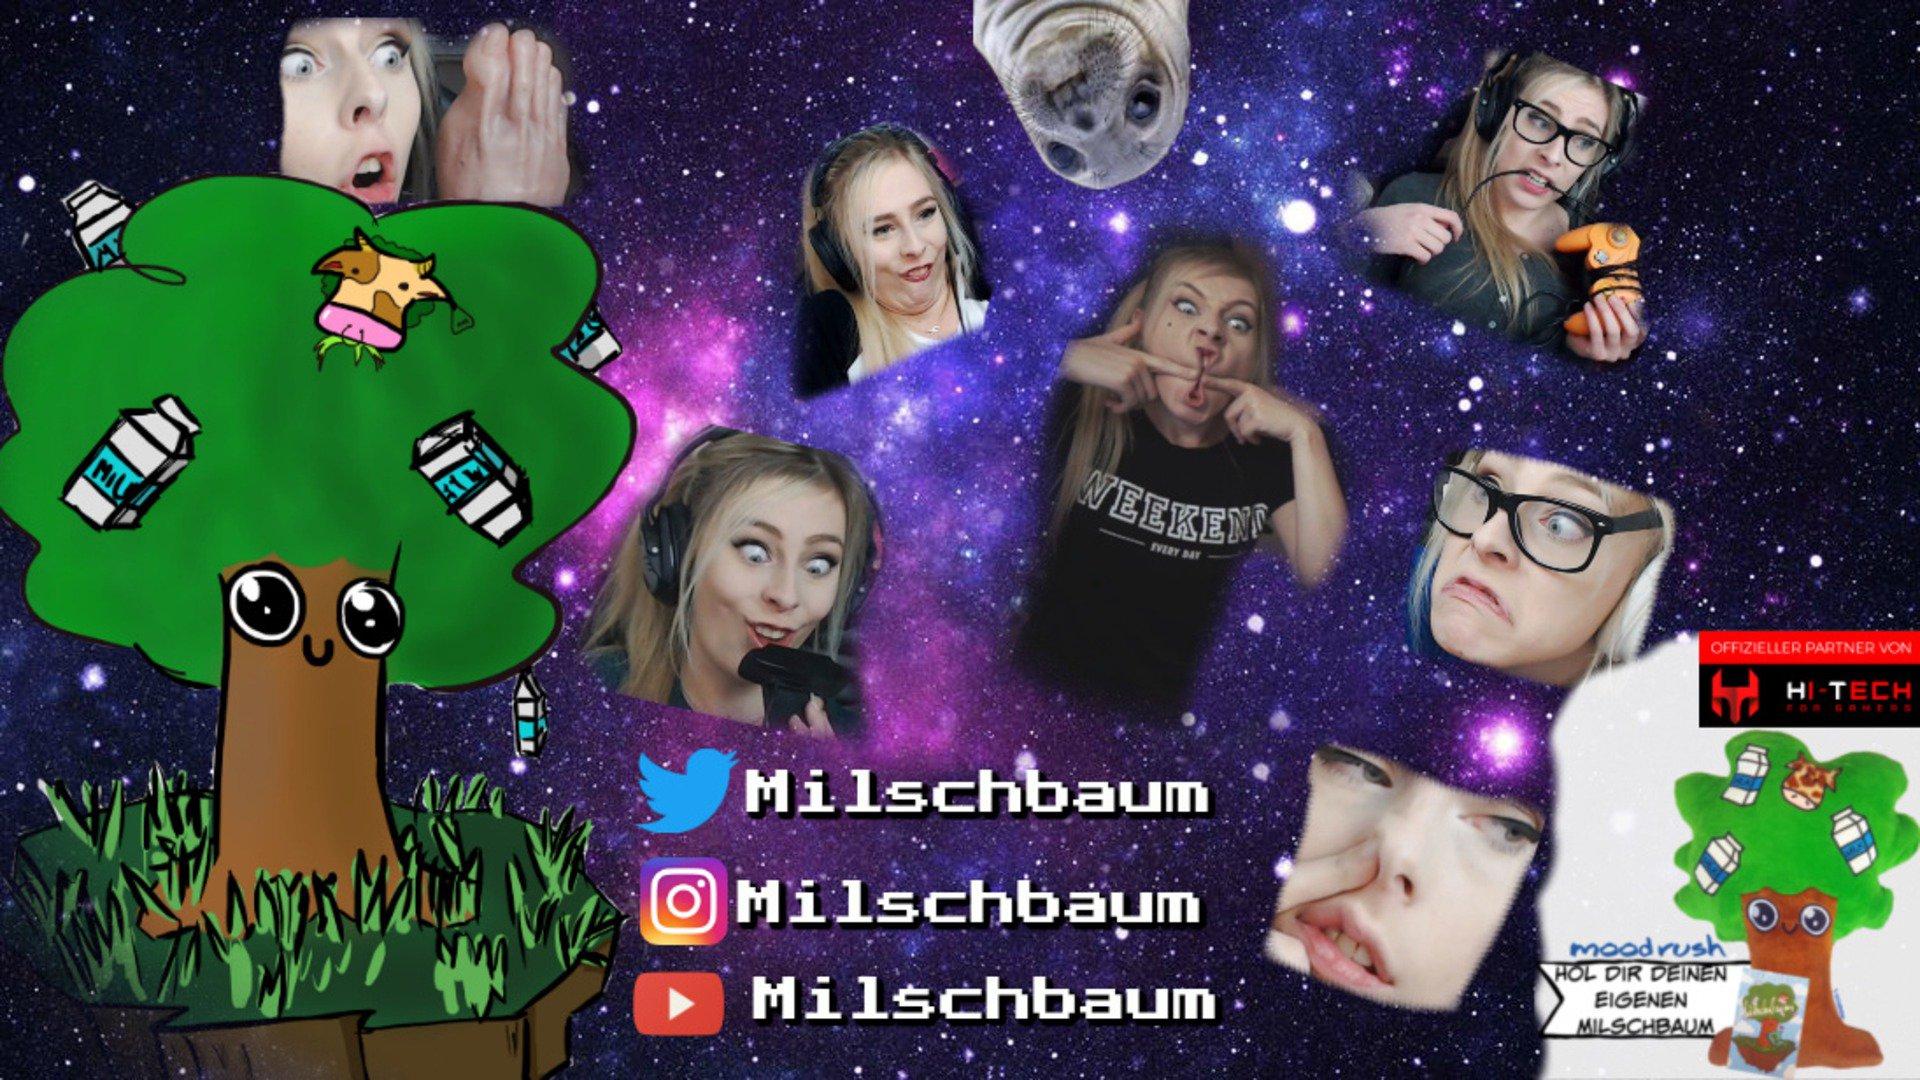 Twitch stream of Milschbaum